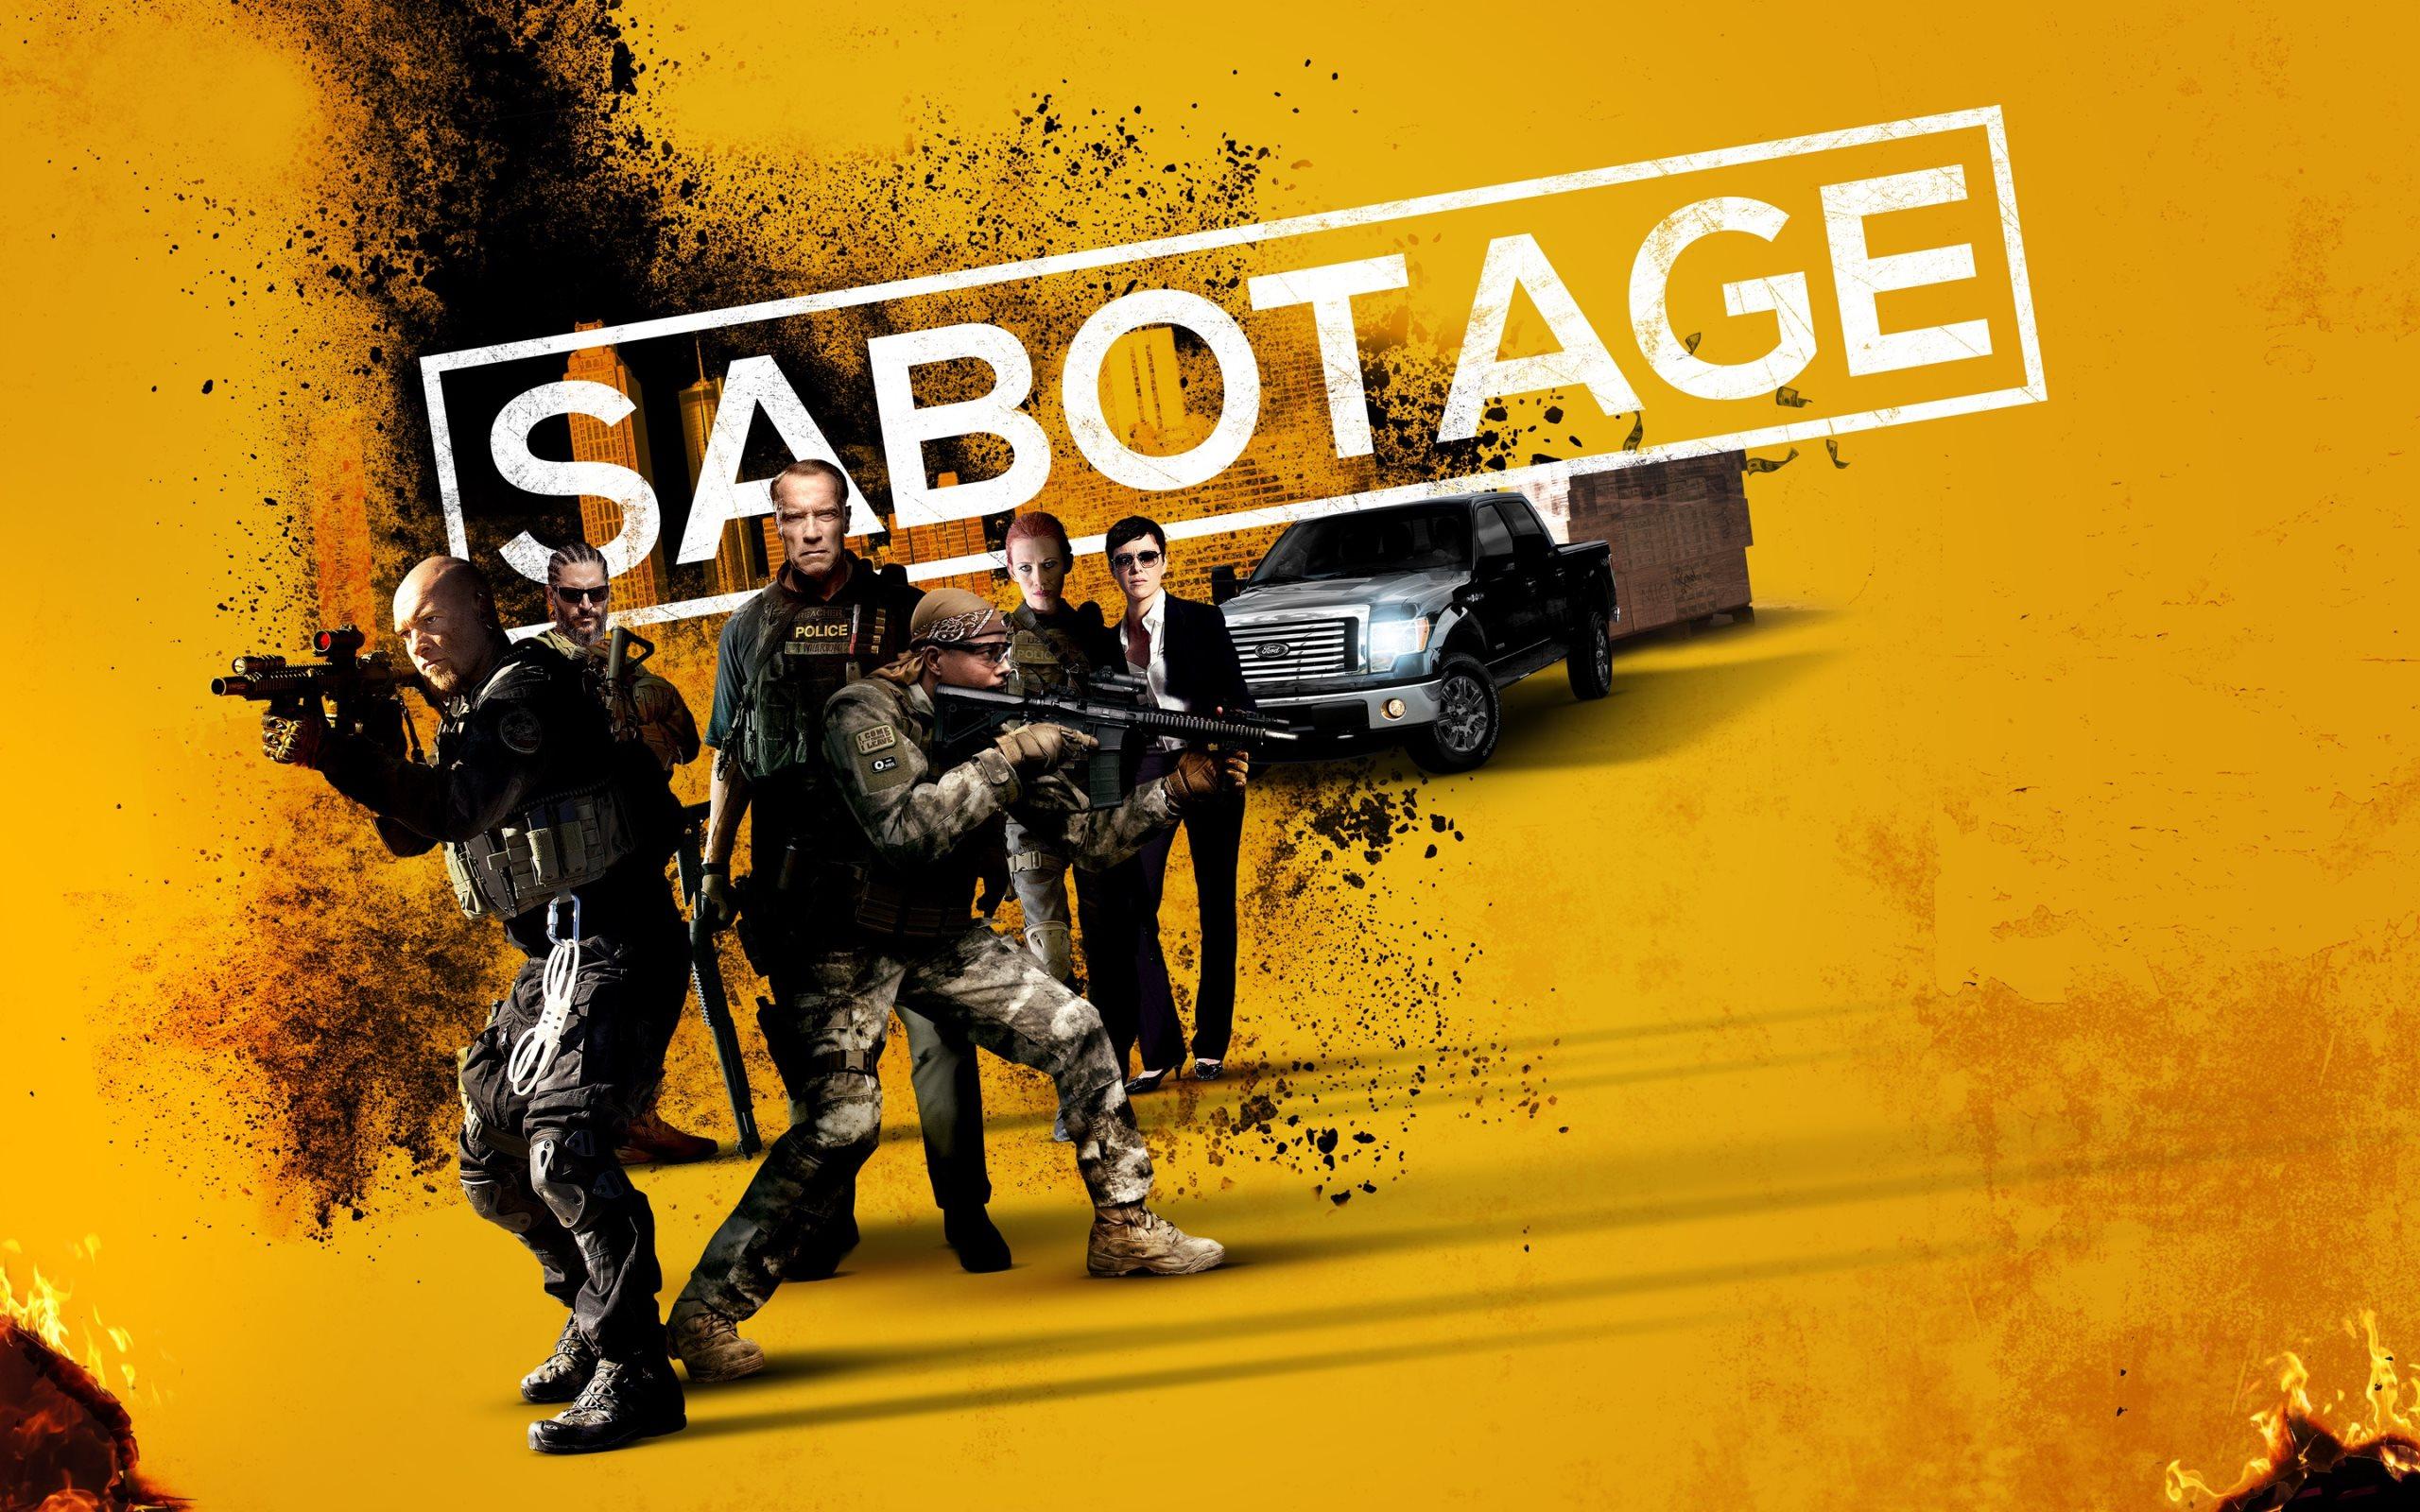 2014 Sabotage Movie Wallpapers · 4K HD Desktop Phone